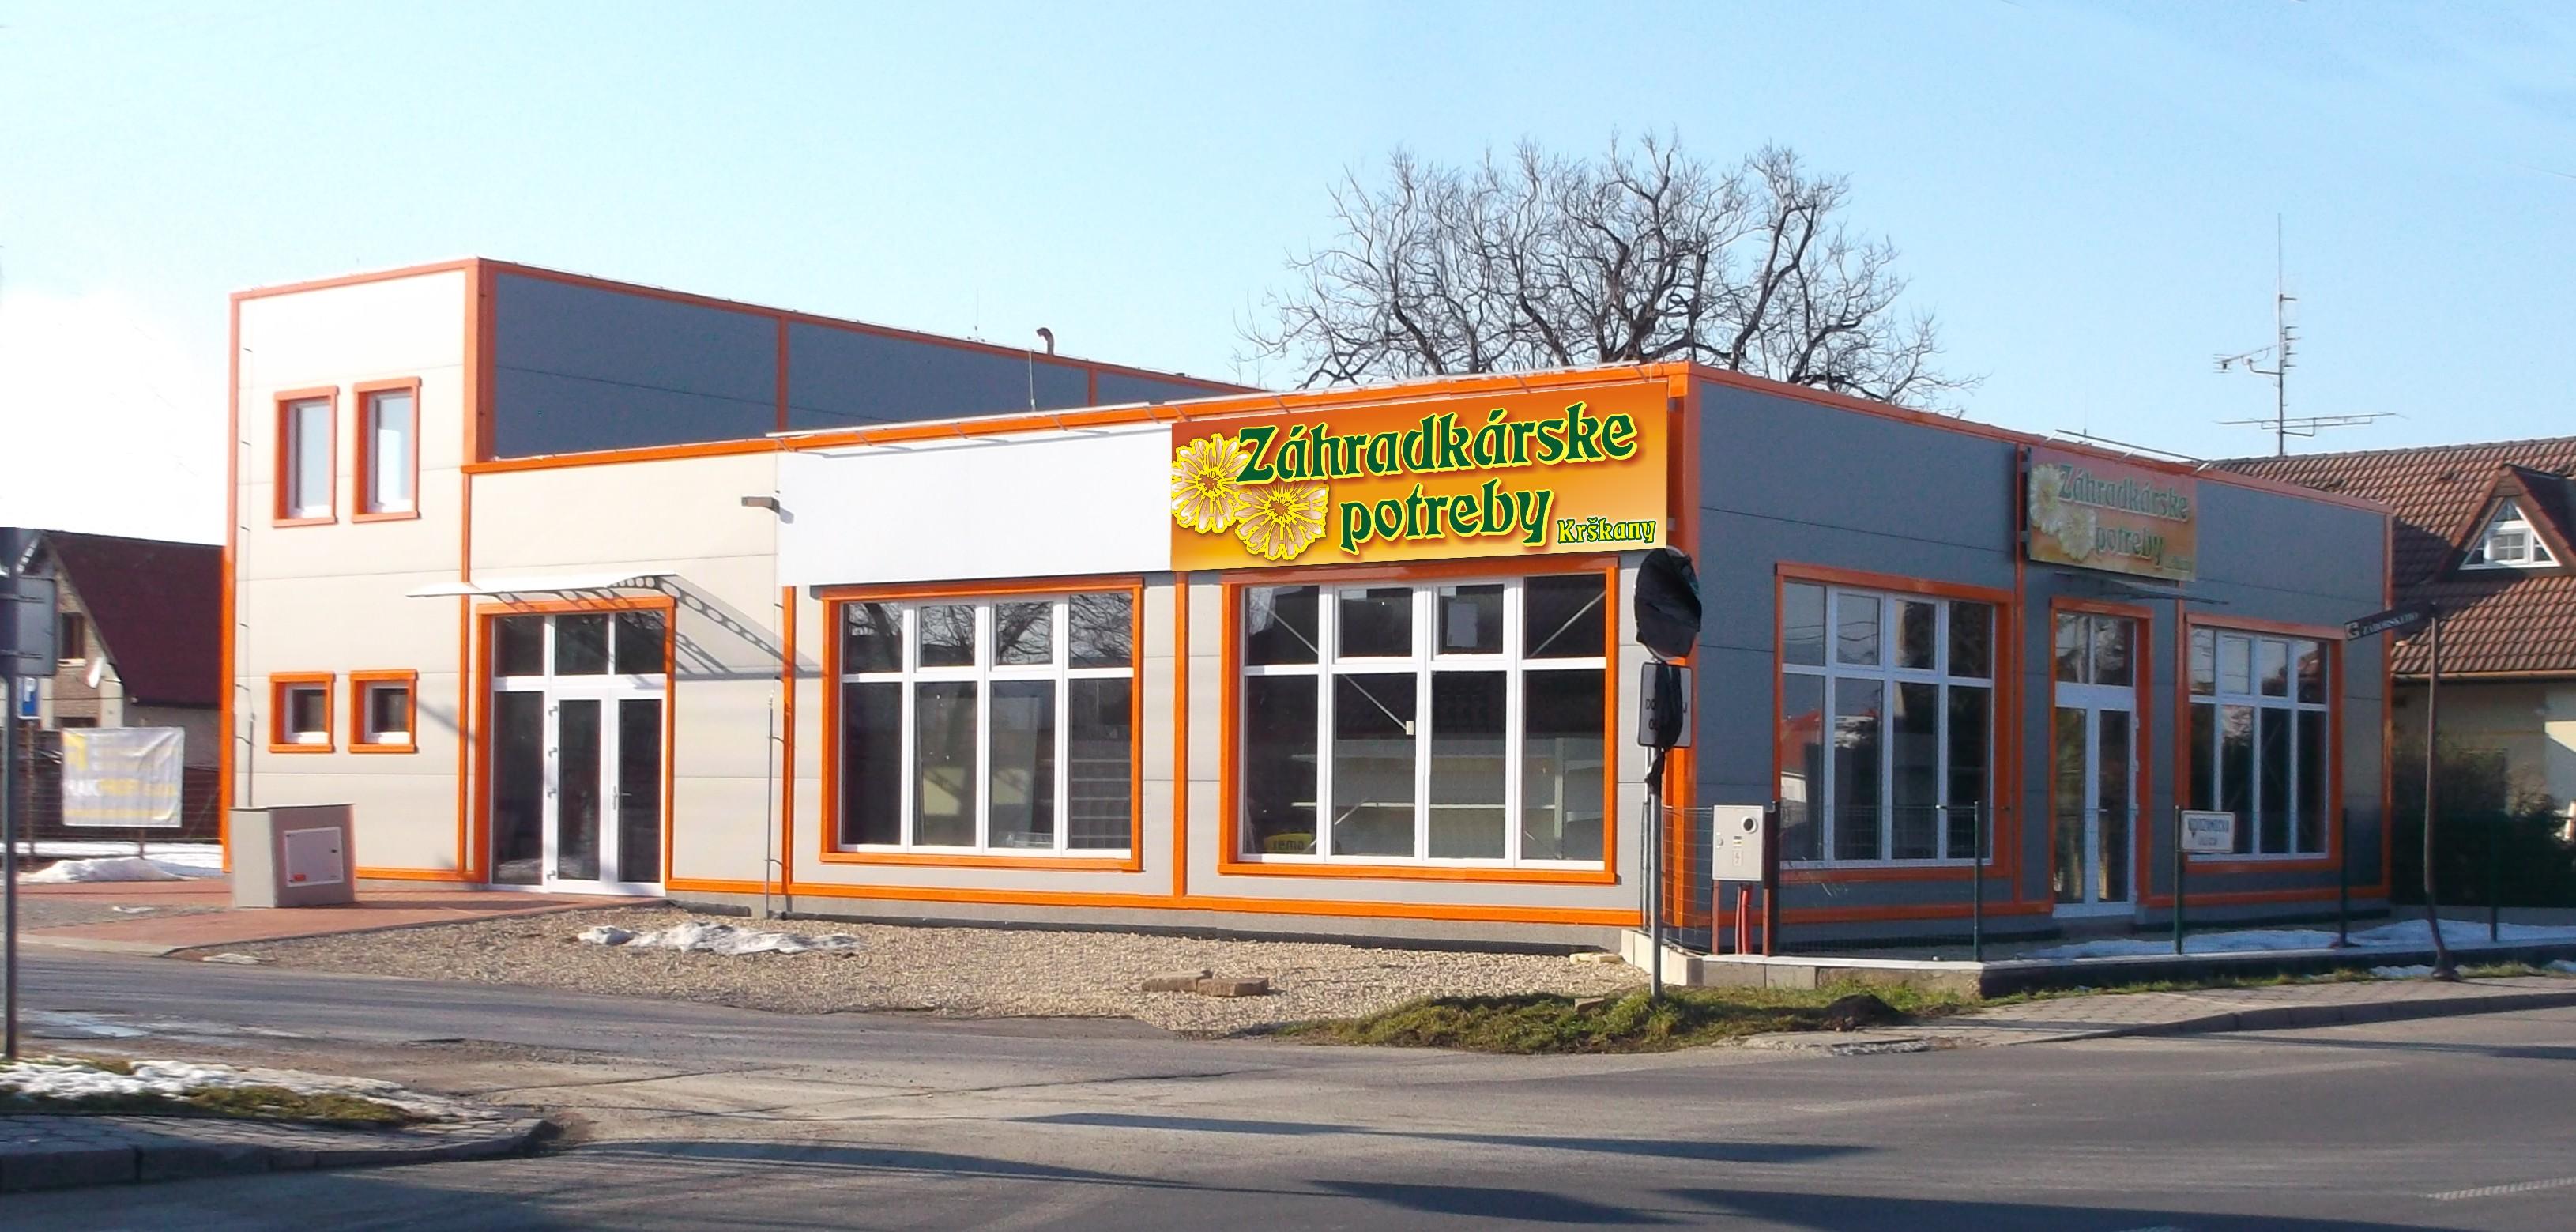 V Krškanoch sa pri hlavnej ceste nedávno otvoril veľký obchod so  záhradkárskymi potrebami. Hneď na prvý pohľad nám bolo logo veľmi povedomé. 14805d77d11